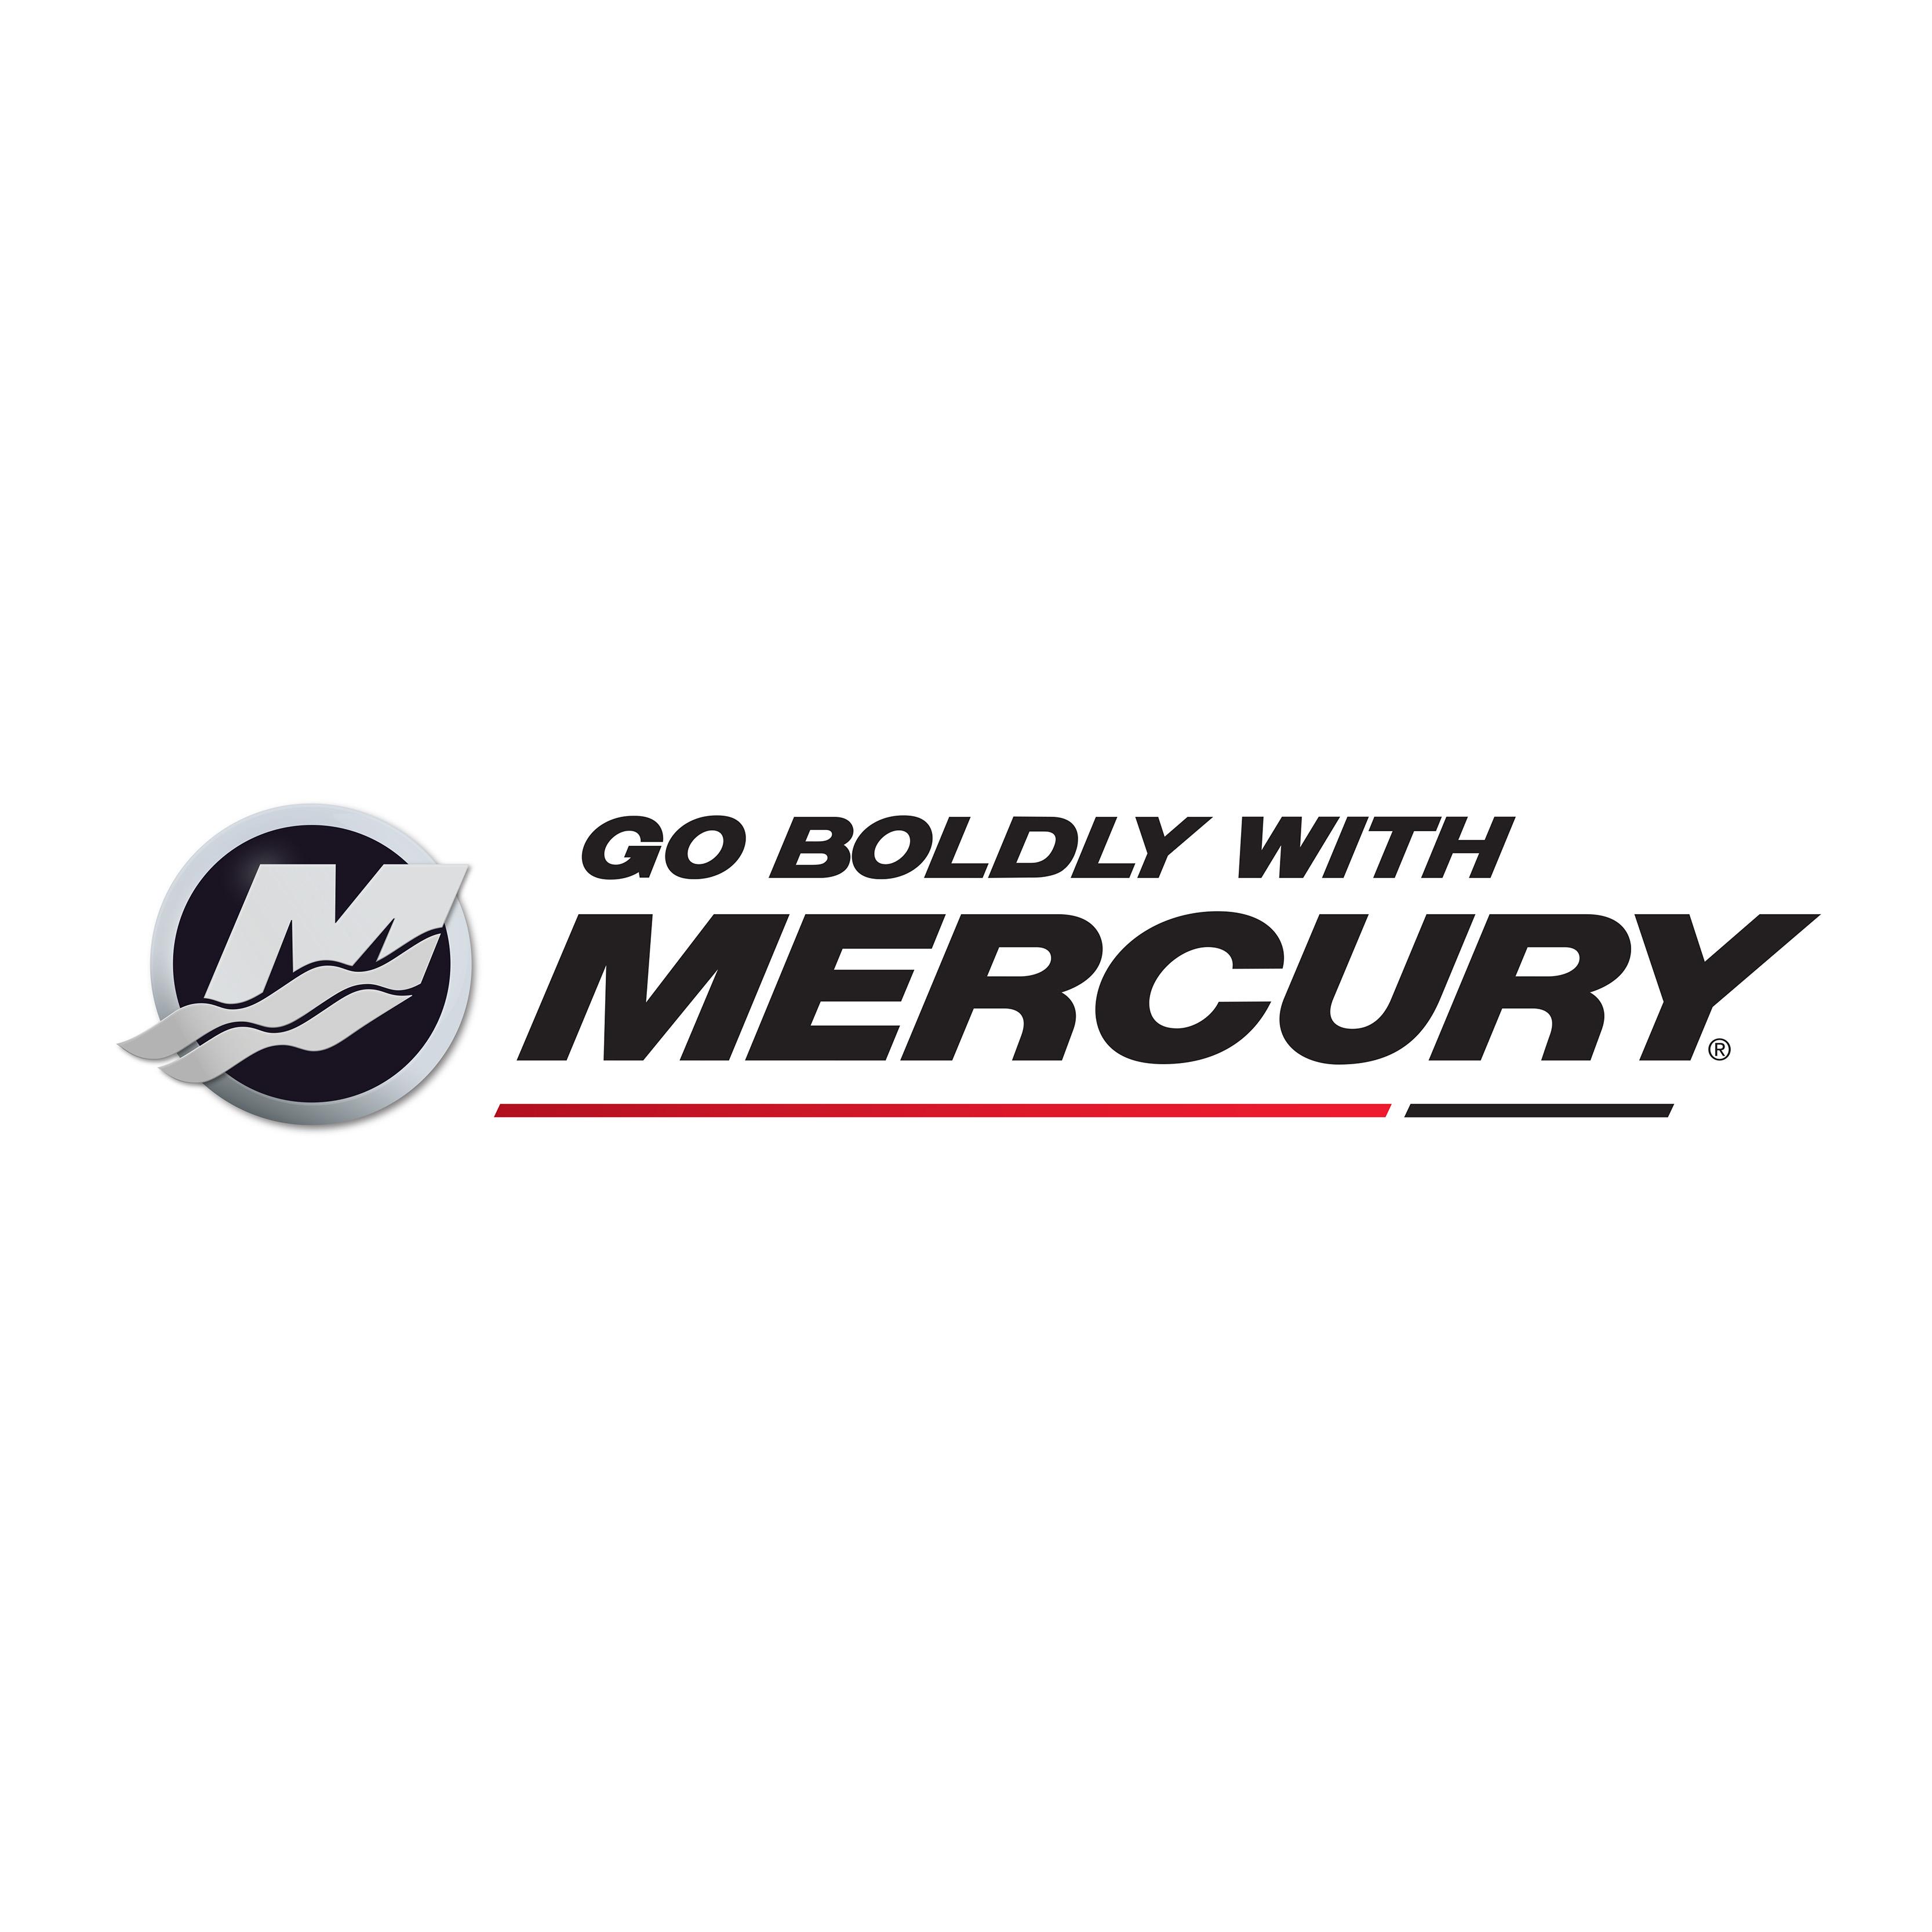 GoBoldly-OEM-WithMercury-Stripe